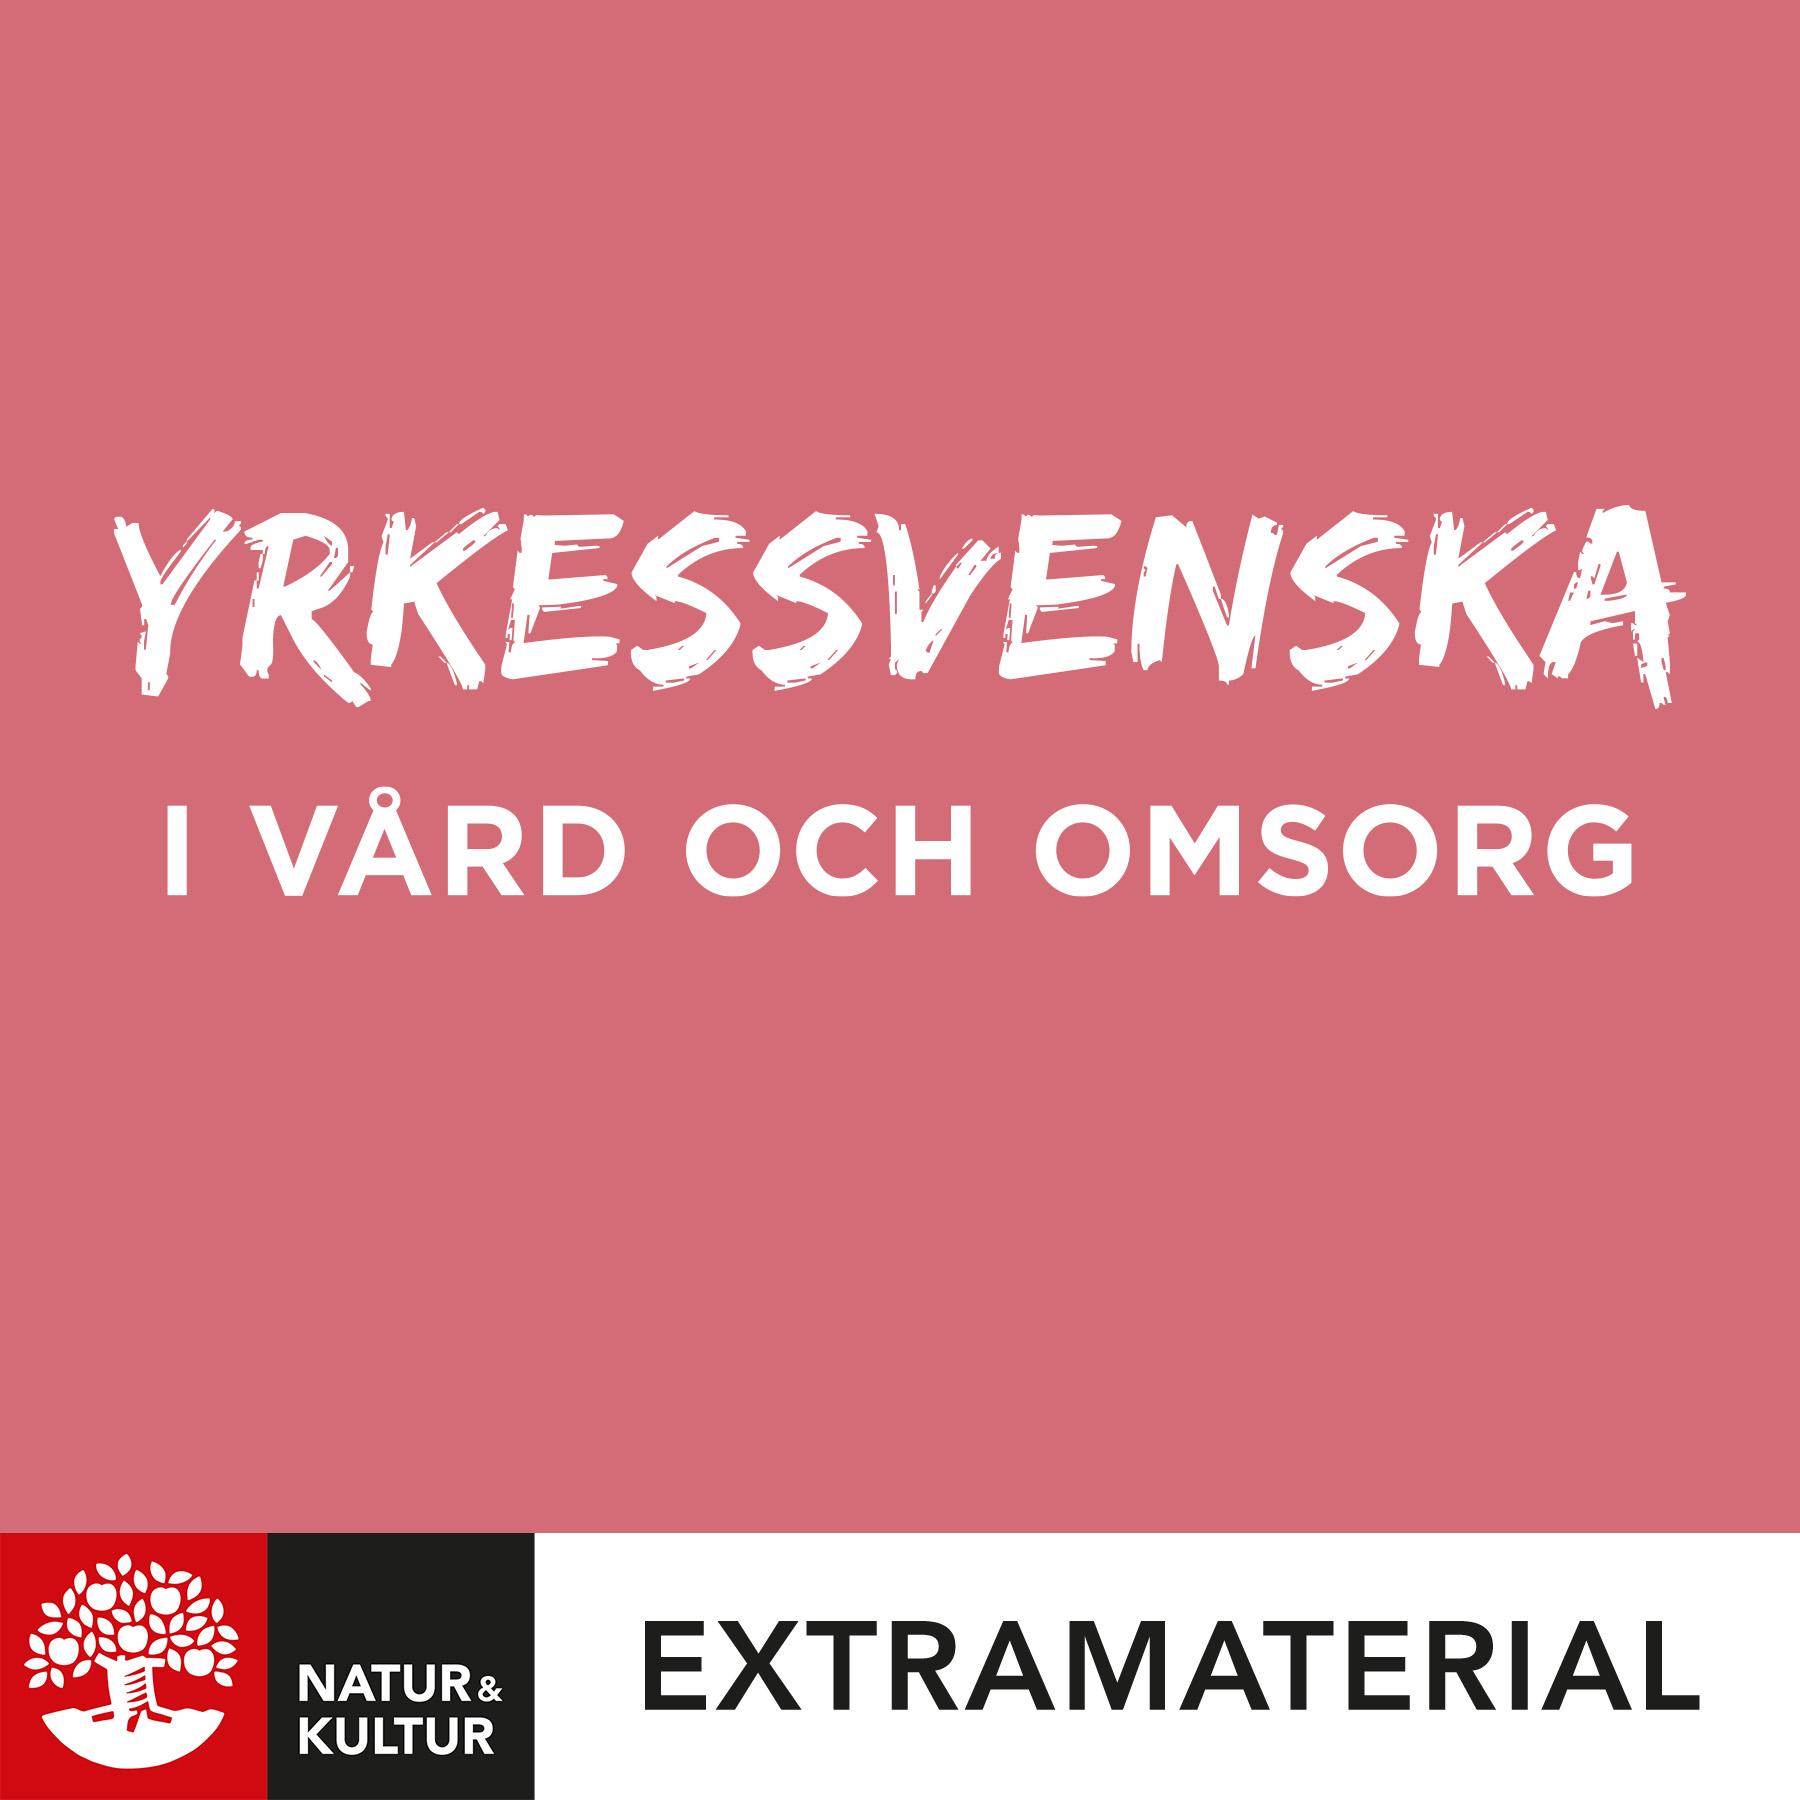 Yrkessvenska i vård och omsorg